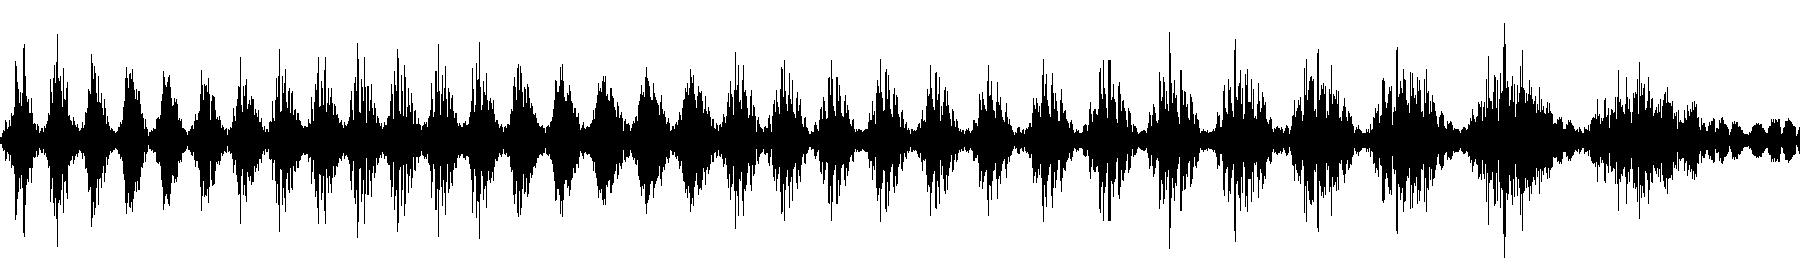 alian pulse bass